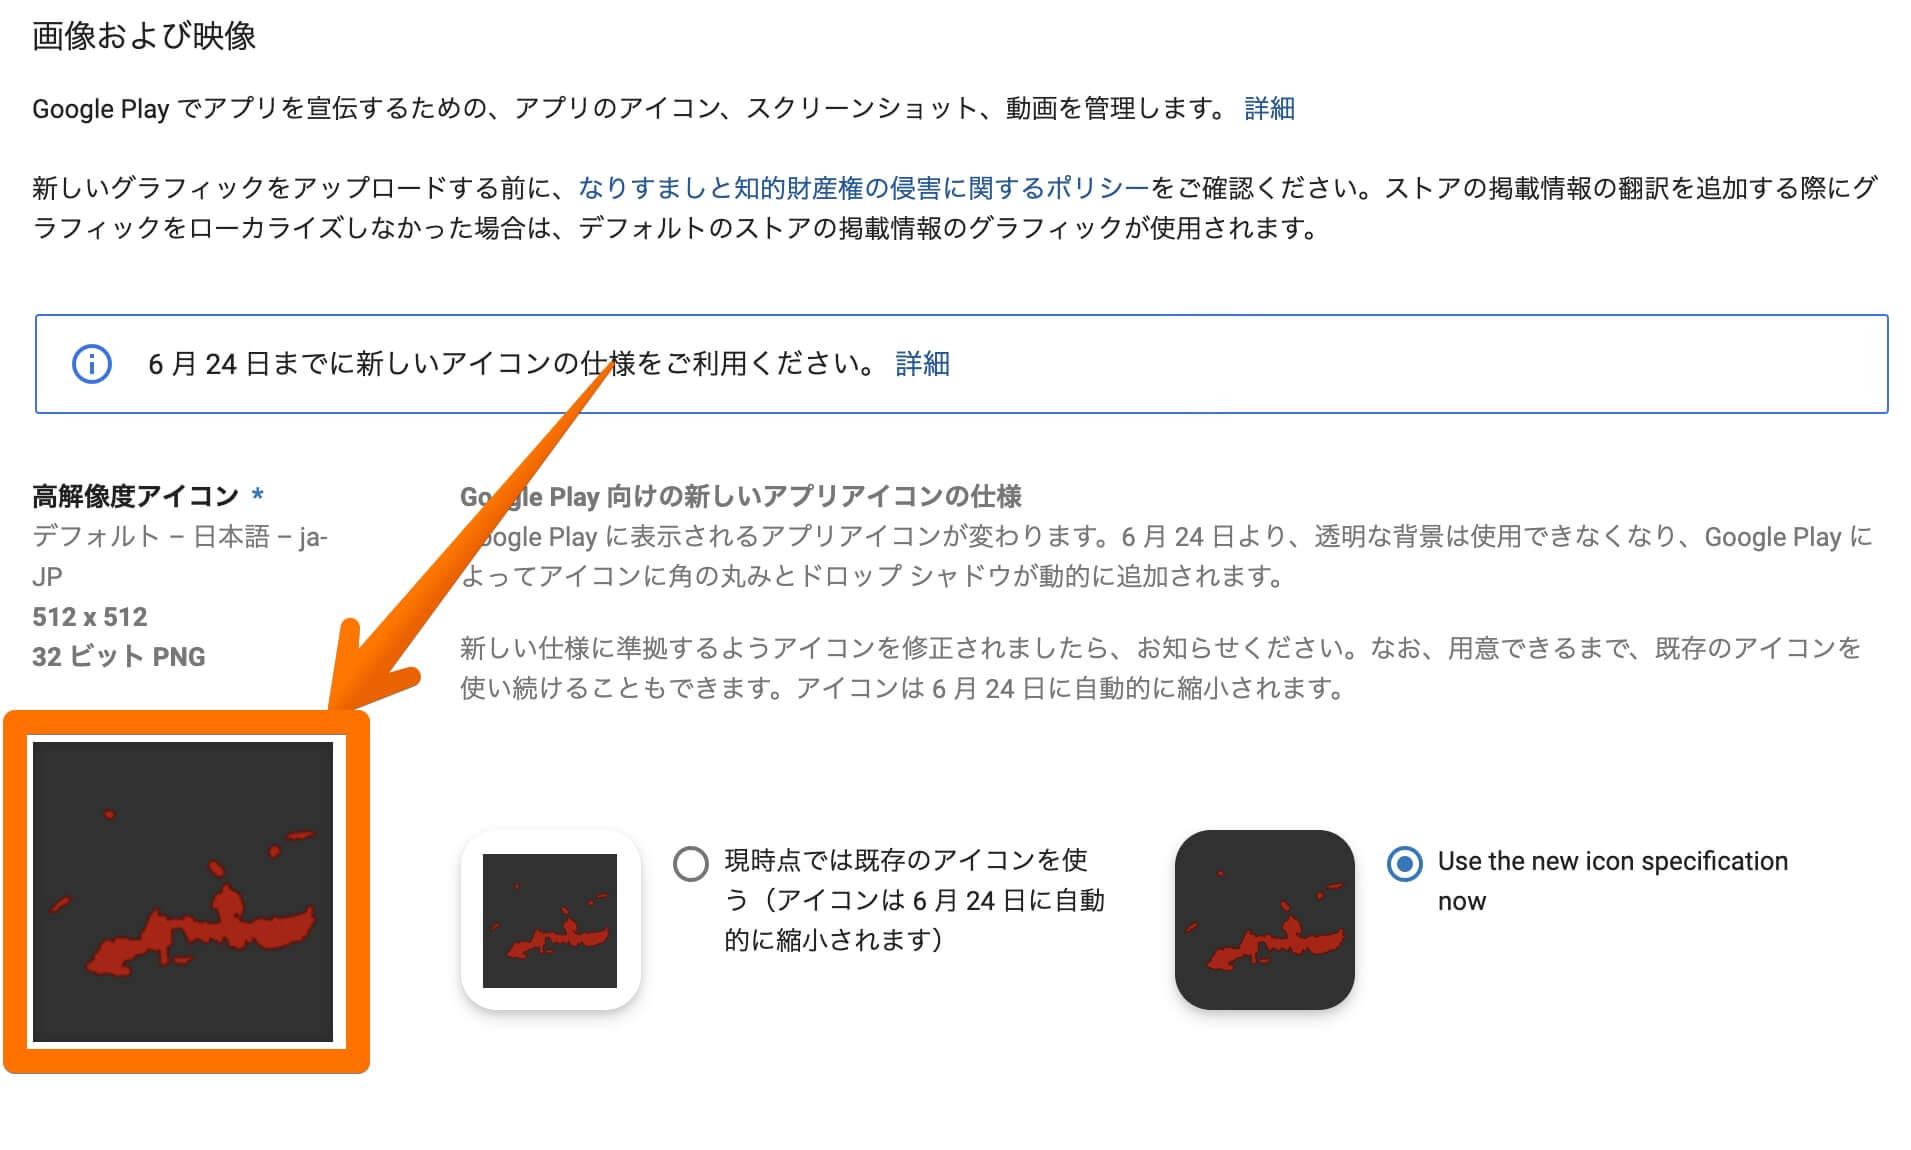 Google-Play-Consoleに公開するアプリの画像をアップロードする